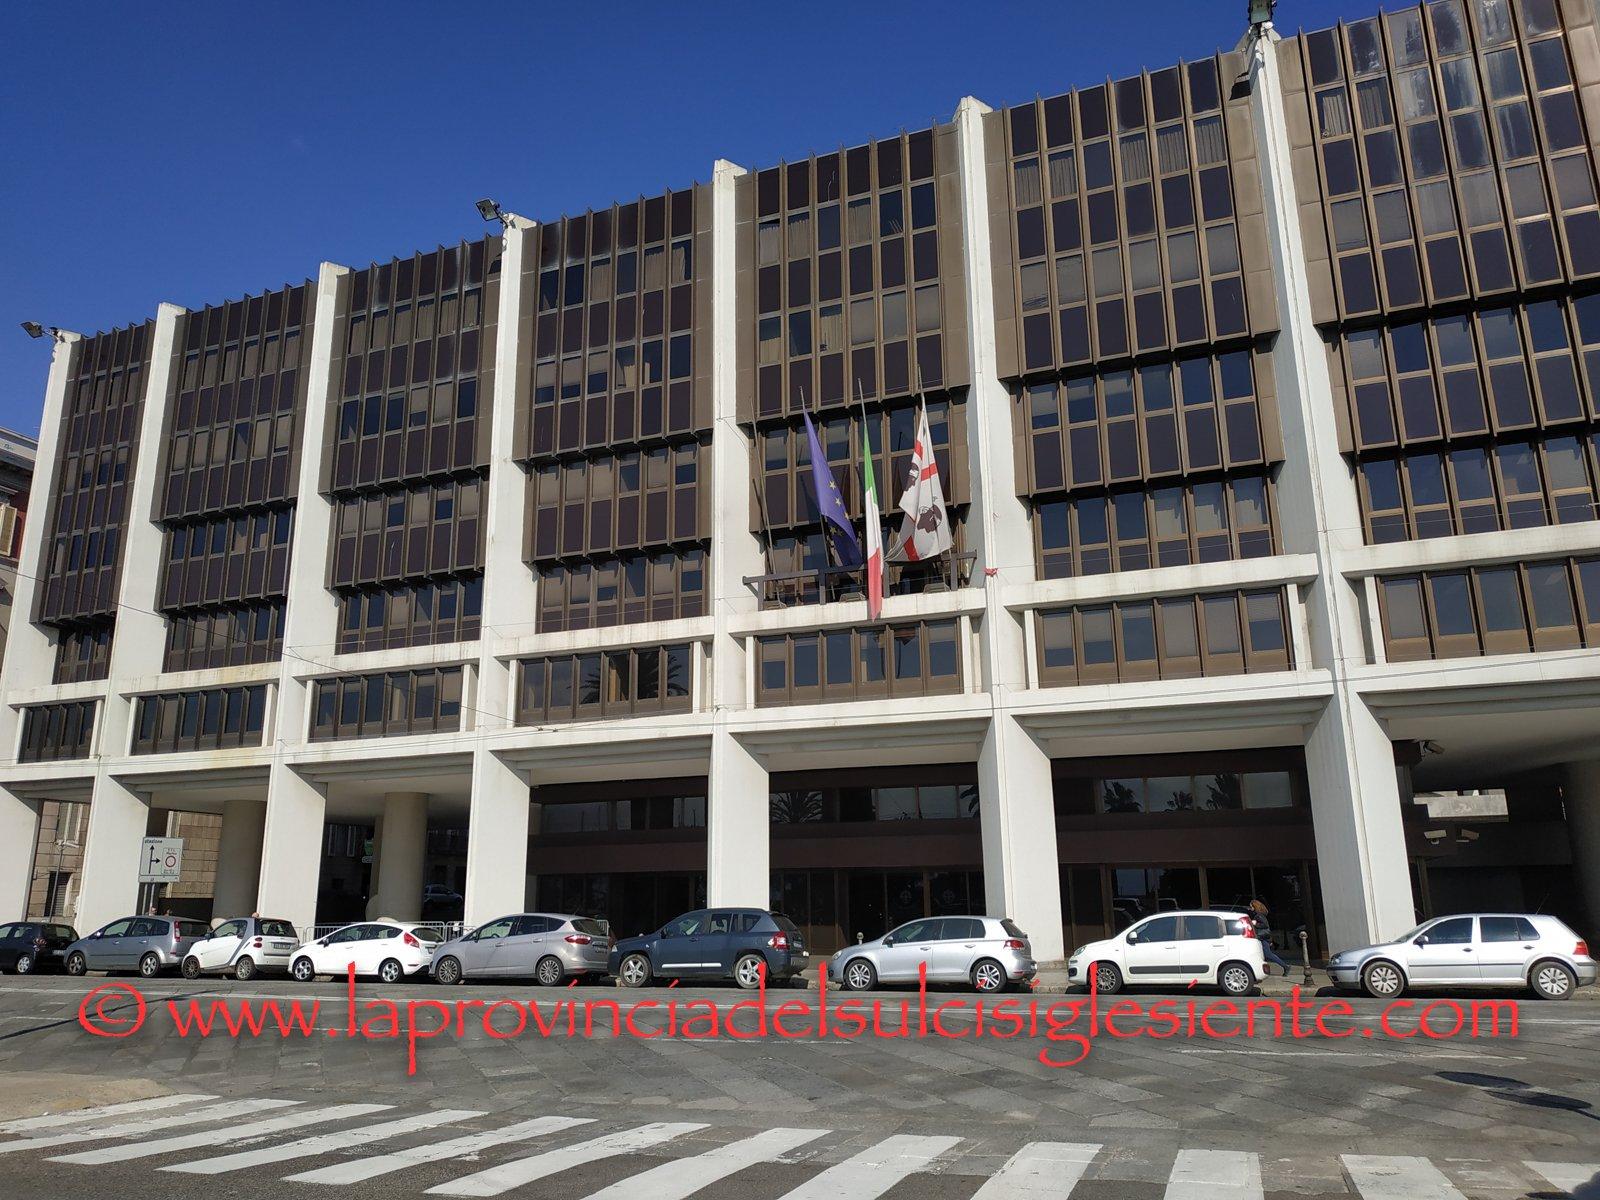 Lunedì 23 settembre di riunisce la commissione Autonomia del Consiglio regionale con all'ordine del giorno le disposizioni sugli enti locali. Martedì 24 sarà la volta della commissione Lavoro.